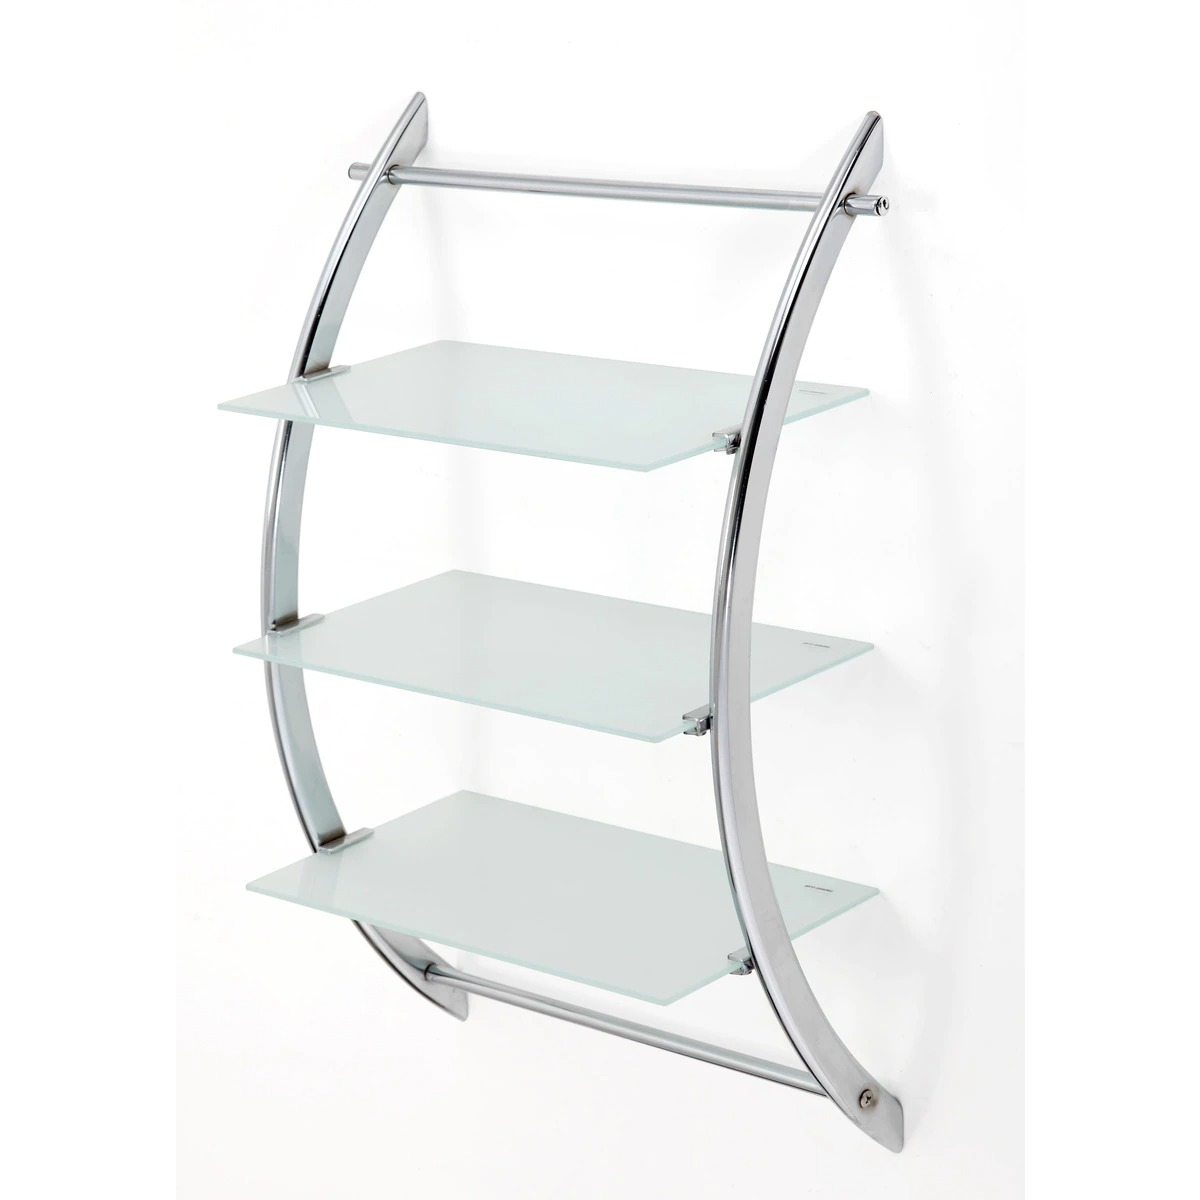 Estante metálico de estructura semicircular en profundidad, con 3 baldas de repisa de cristal, realizadas con vidrio de seguridad mateado.